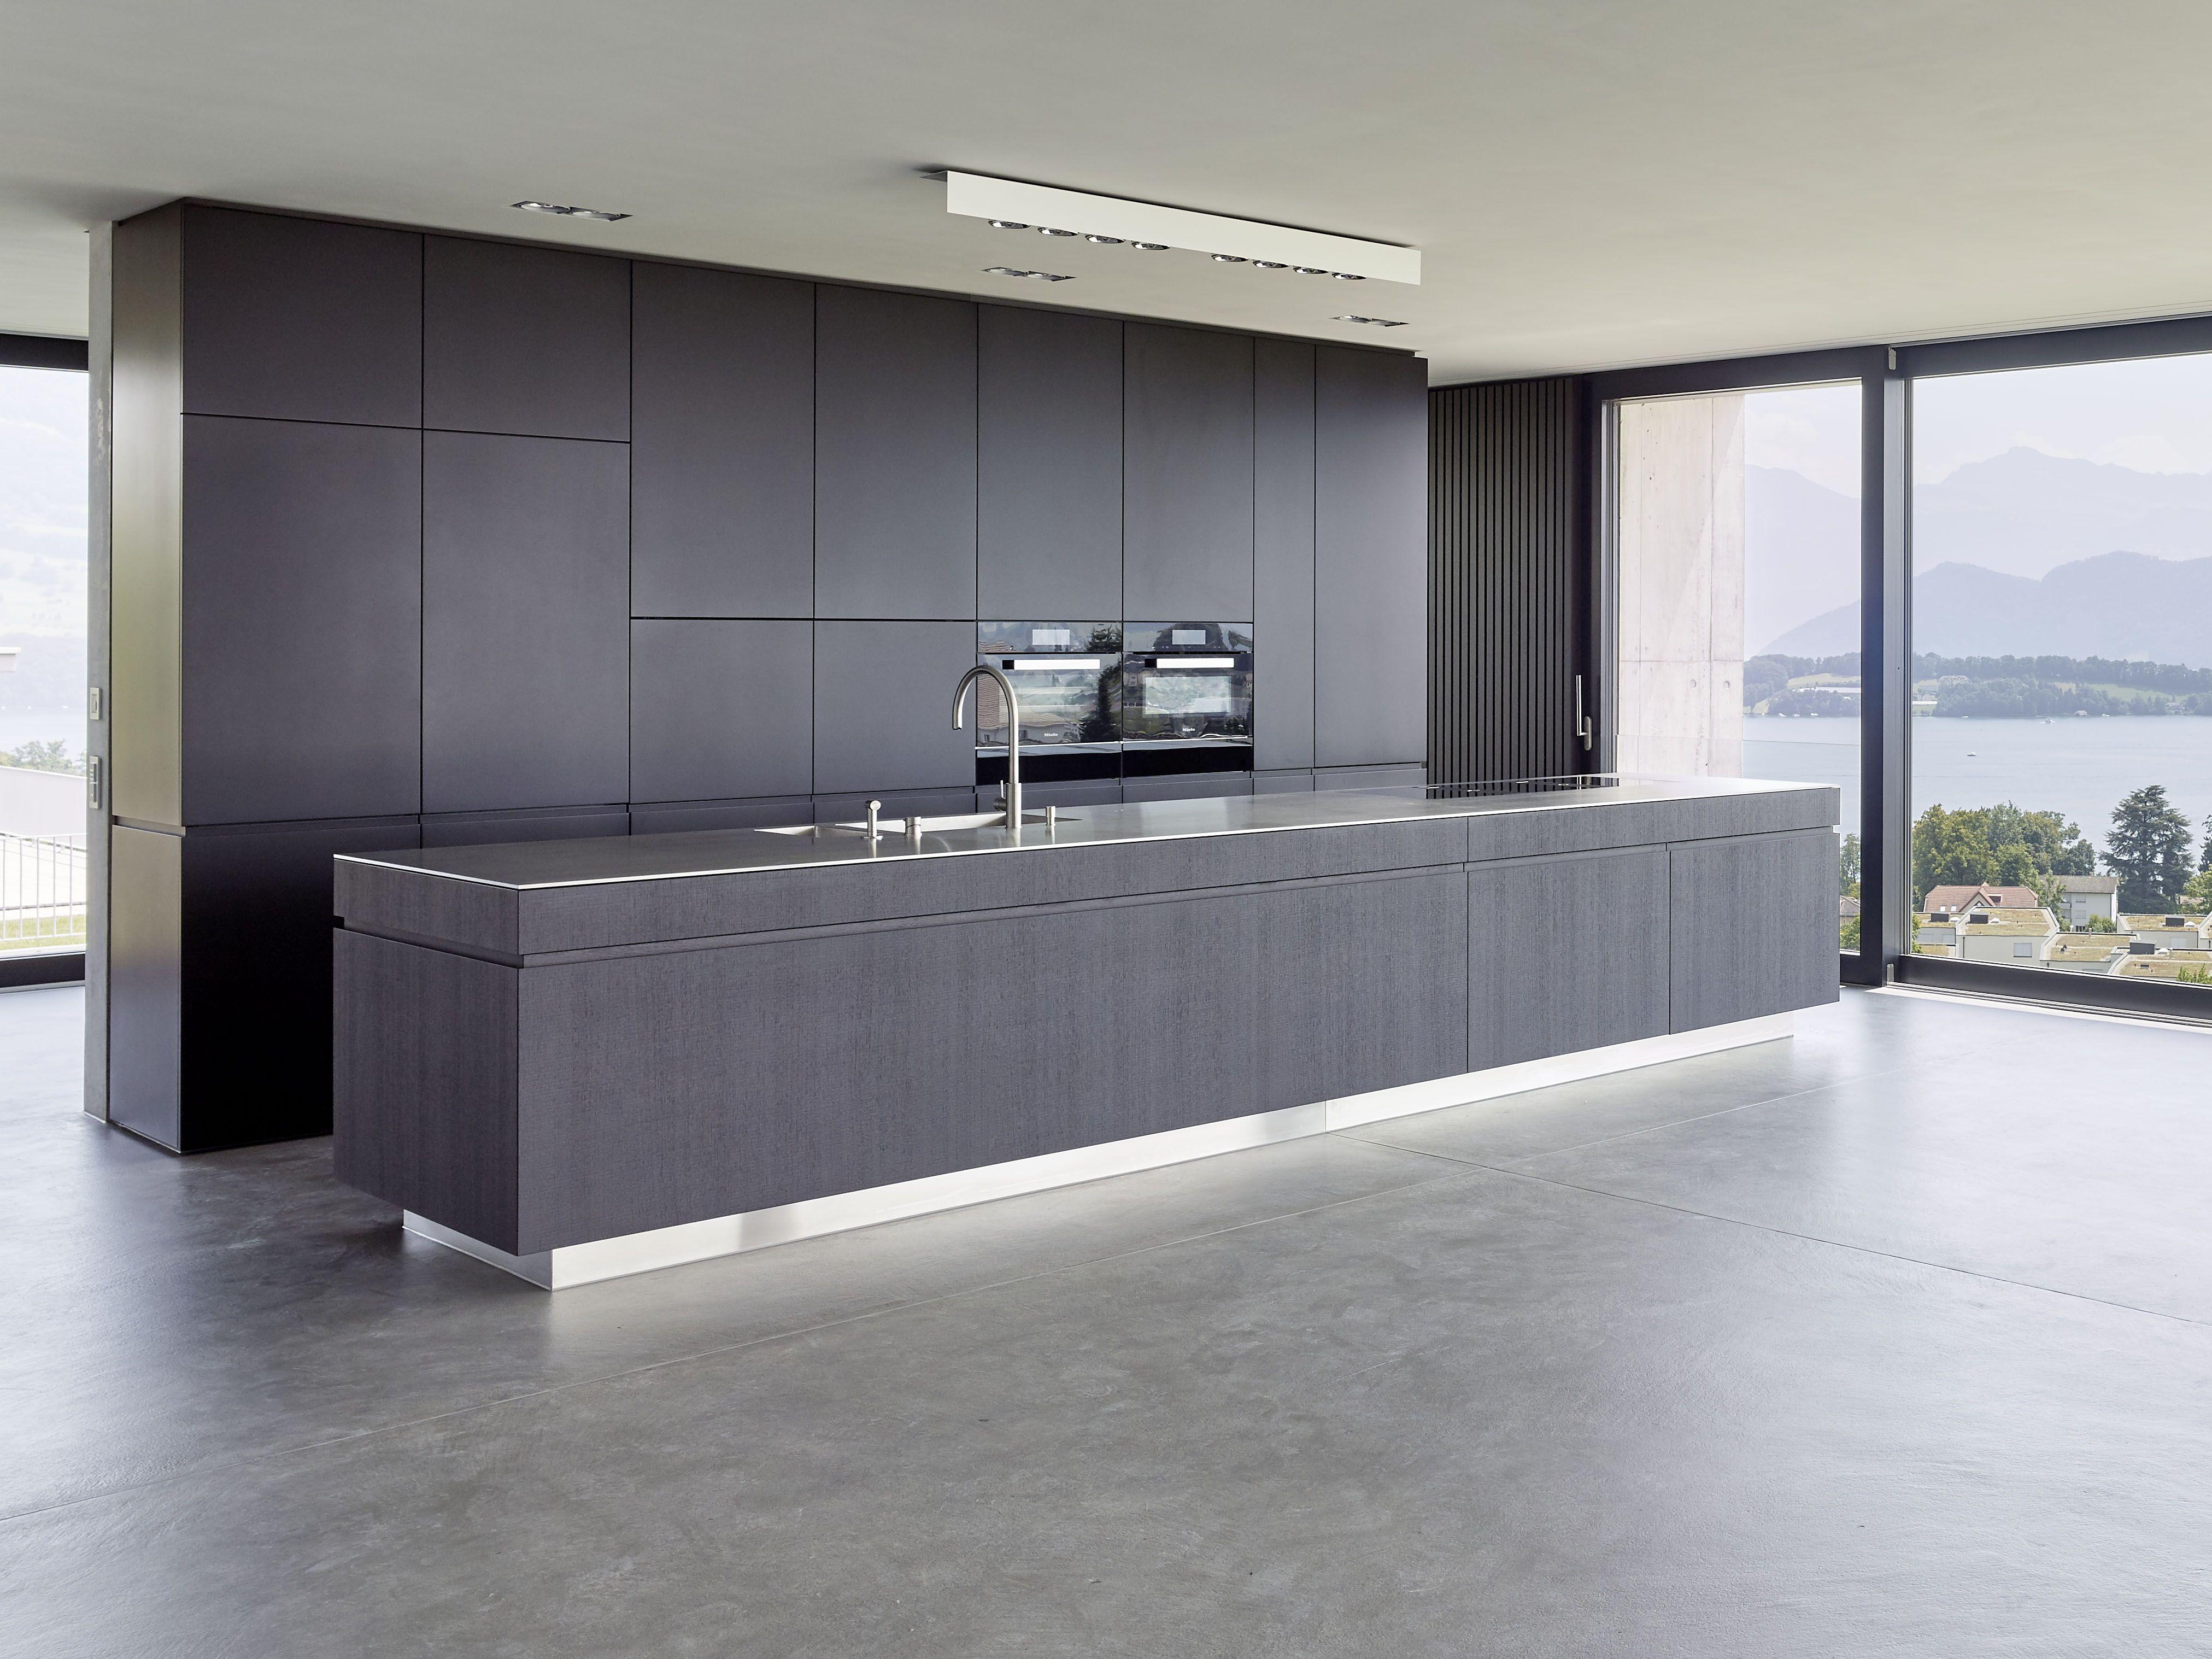 Küche mit 8 mm Edelstahlabdeckung. Fronten in Eiche